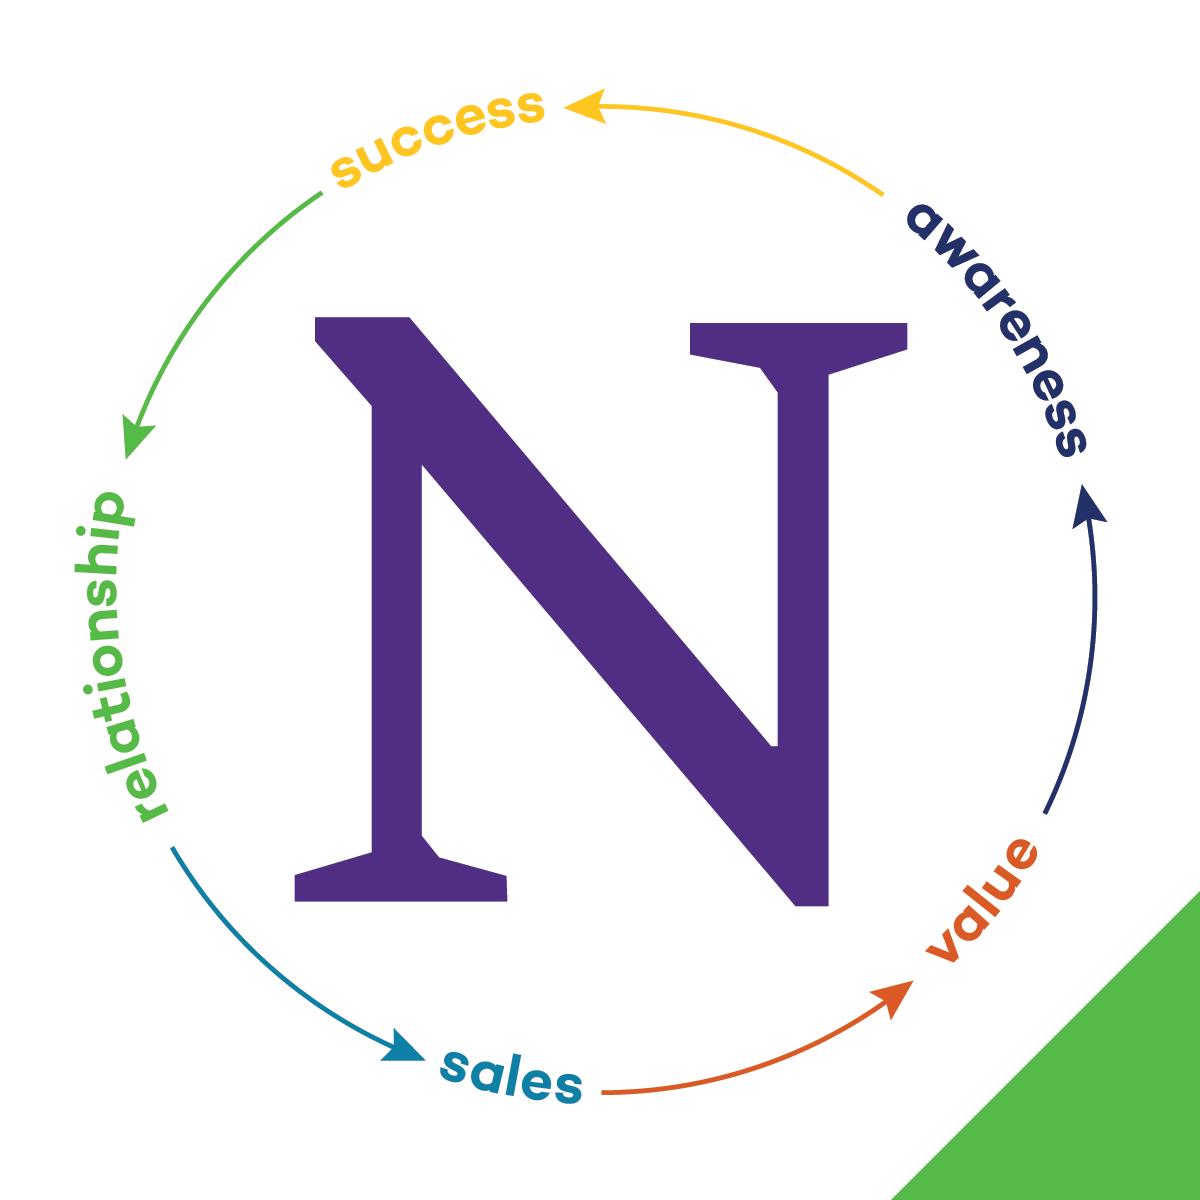 Engagement & Nurture Marketing Strategies